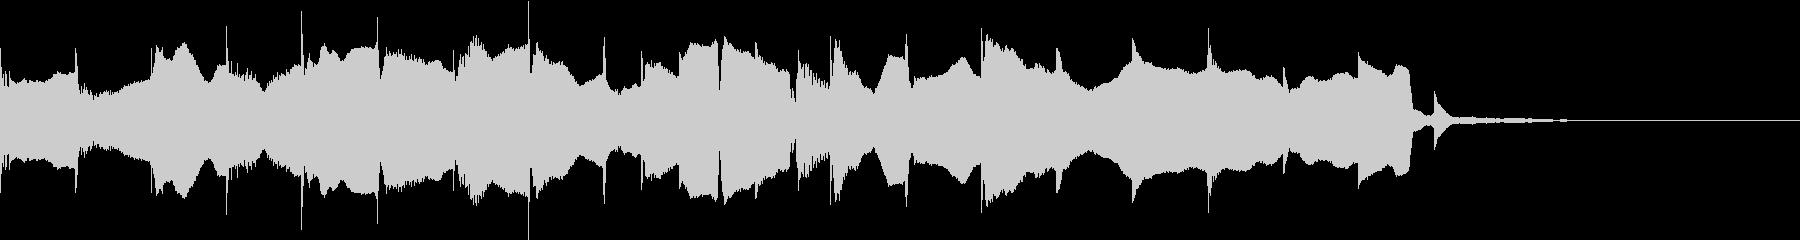 のどかなゆったりした音の未再生の波形